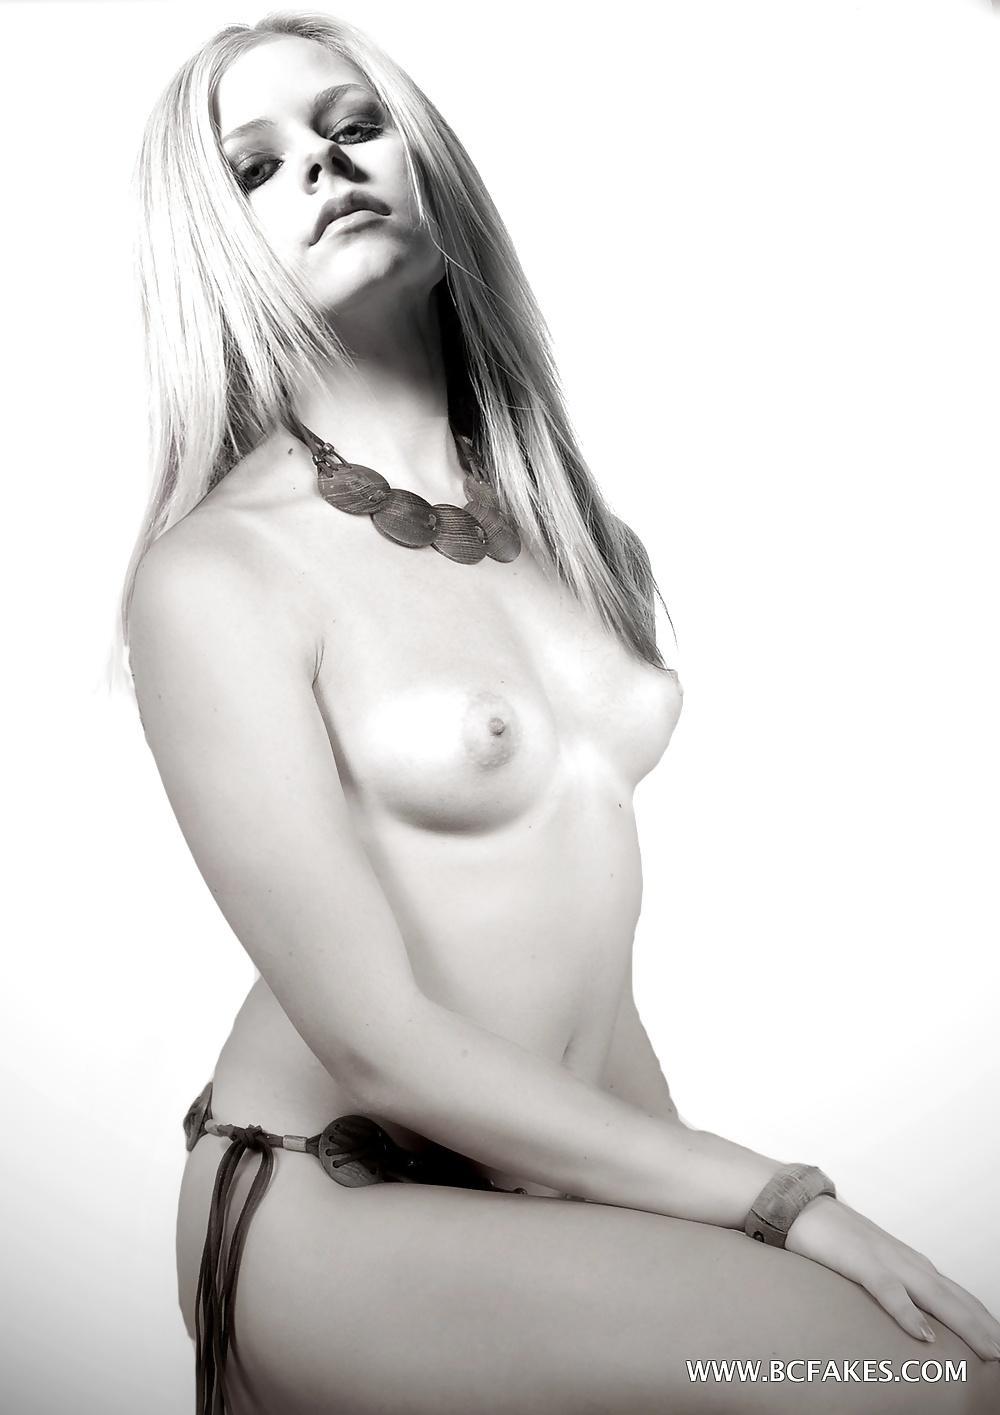 Avril lavigne nude for magazine